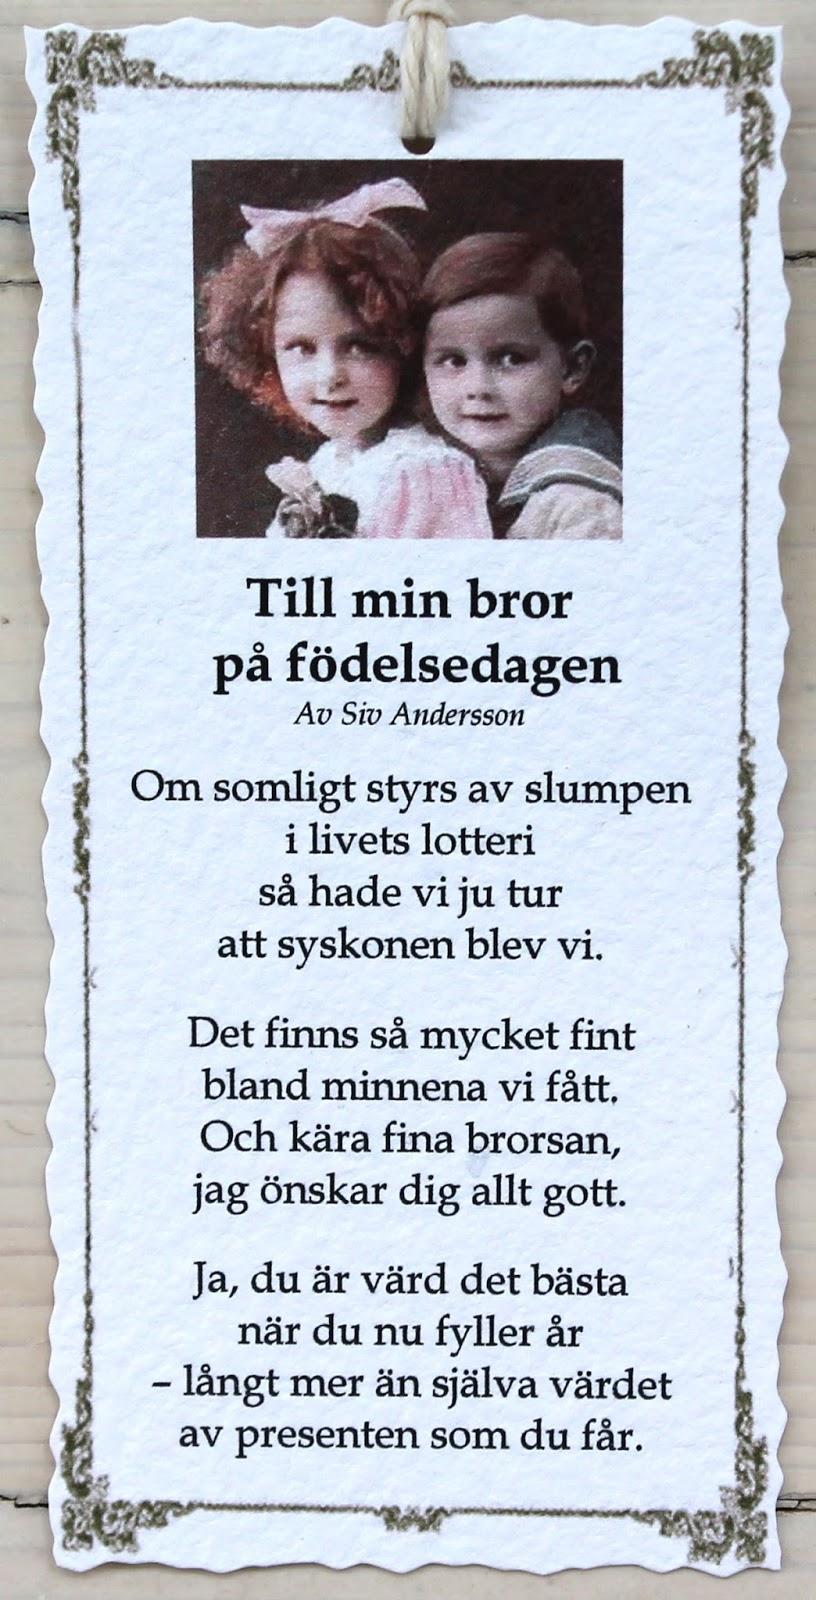 grattis brorsan dikt Grattis På Födelsedagen Min Bror — Sceneups grattis brorsan dikt